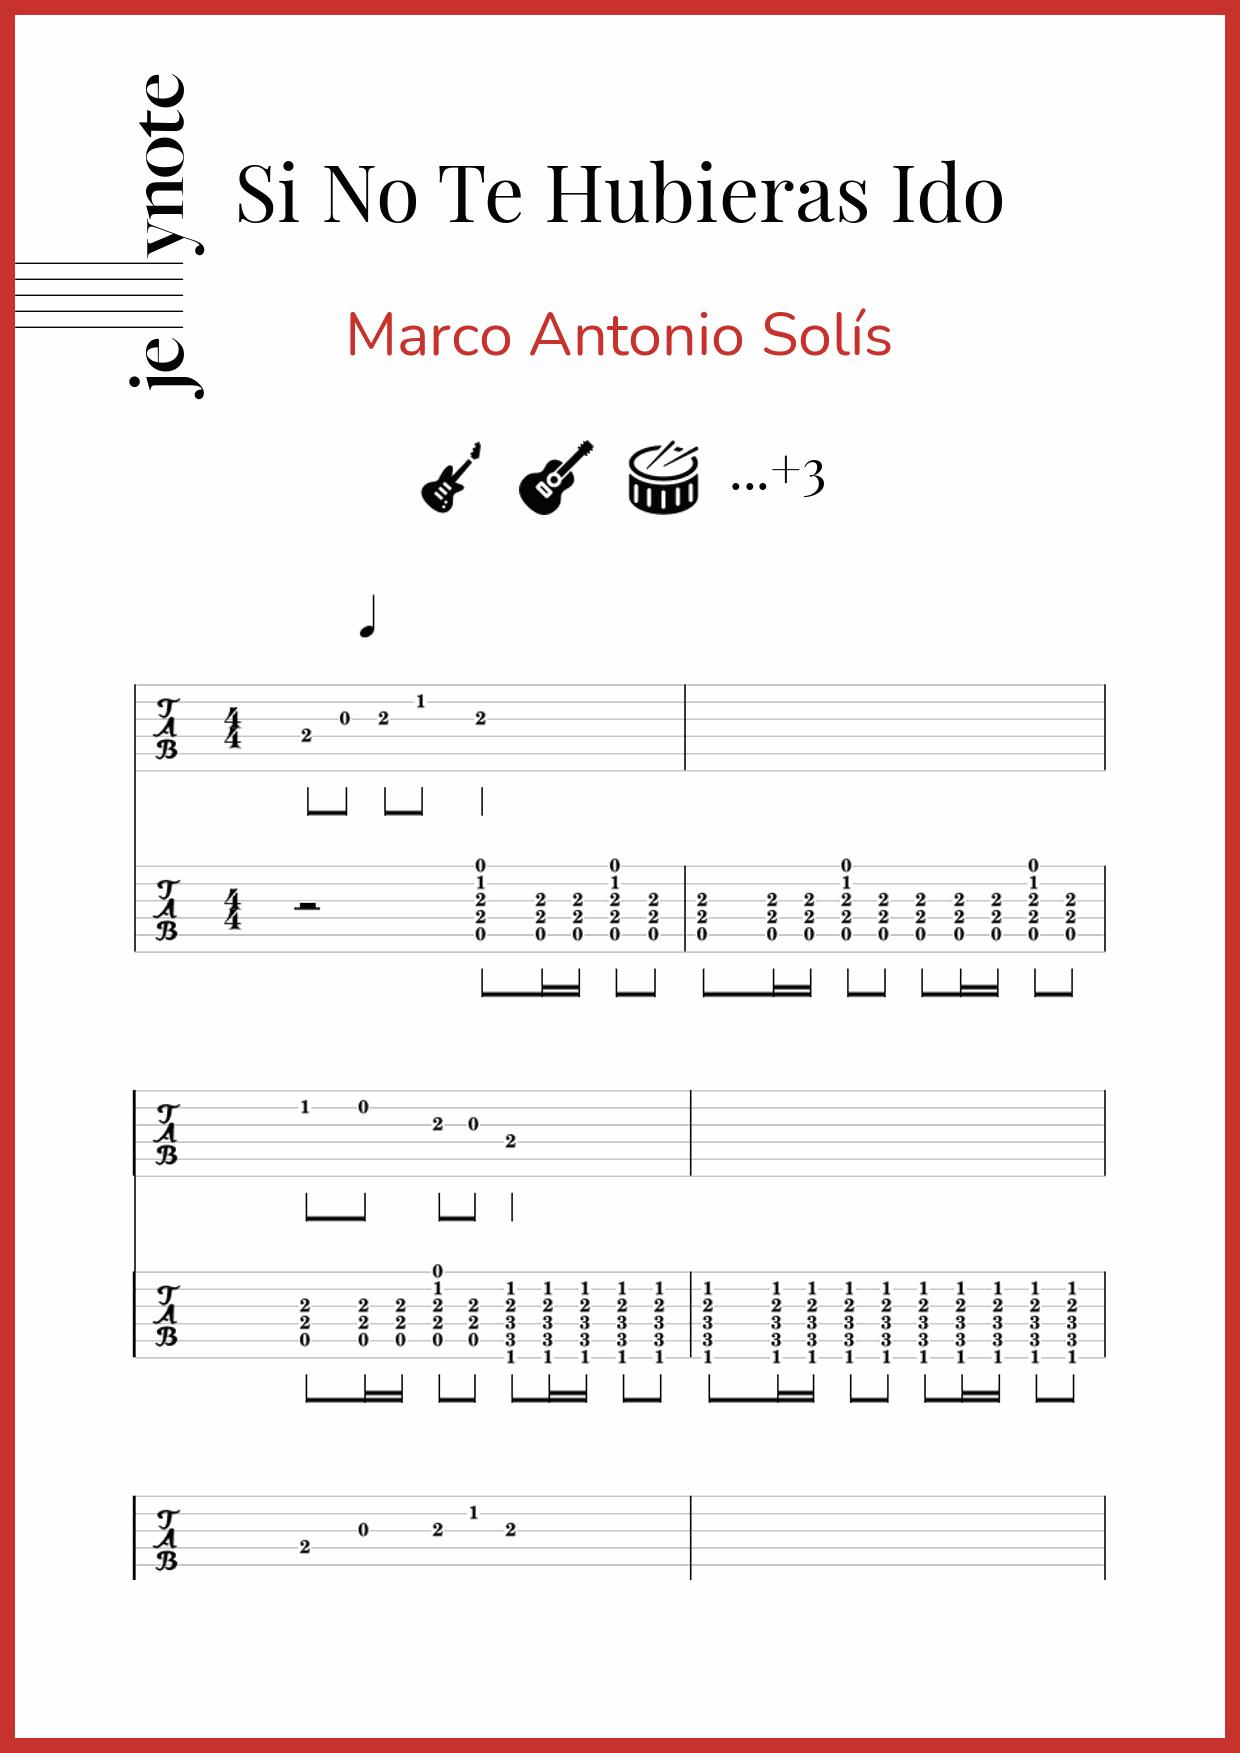 Partituras De Marco Antonio Solis Si No Te Hubieras Ido Jellynote